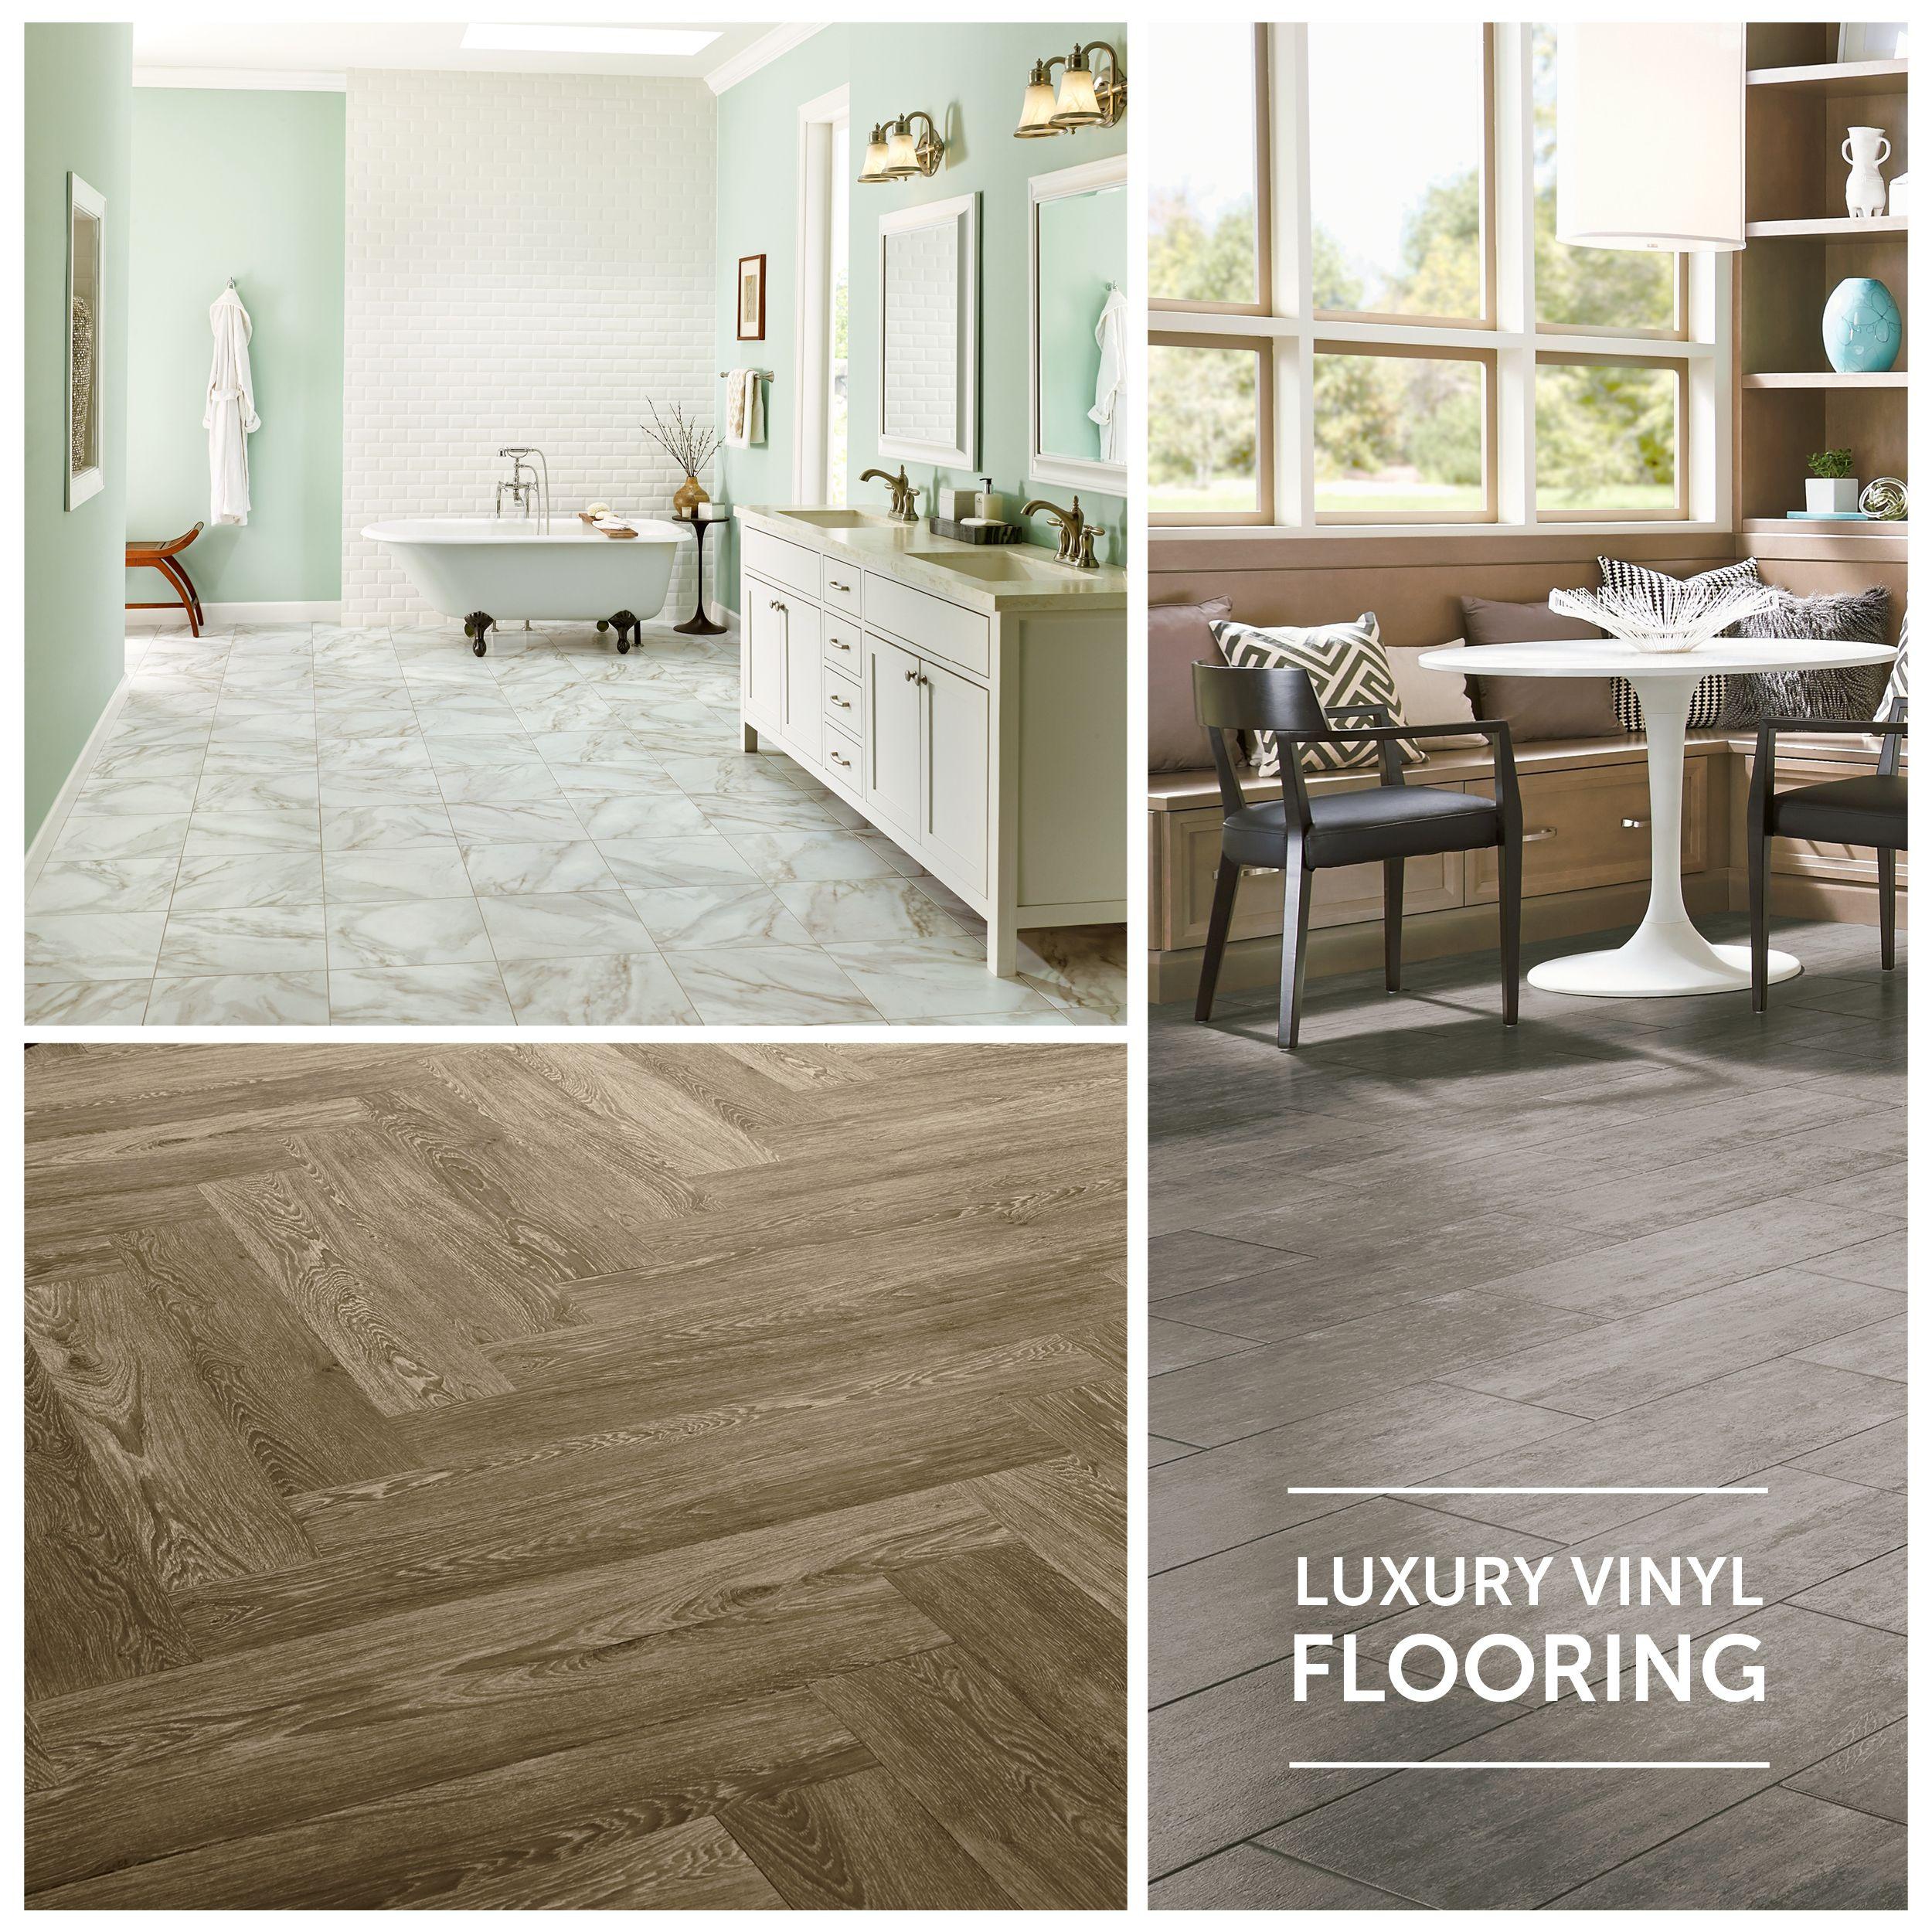 Luxury Vinyl Flooring  Stone  Wood Looks  LVT  LVP